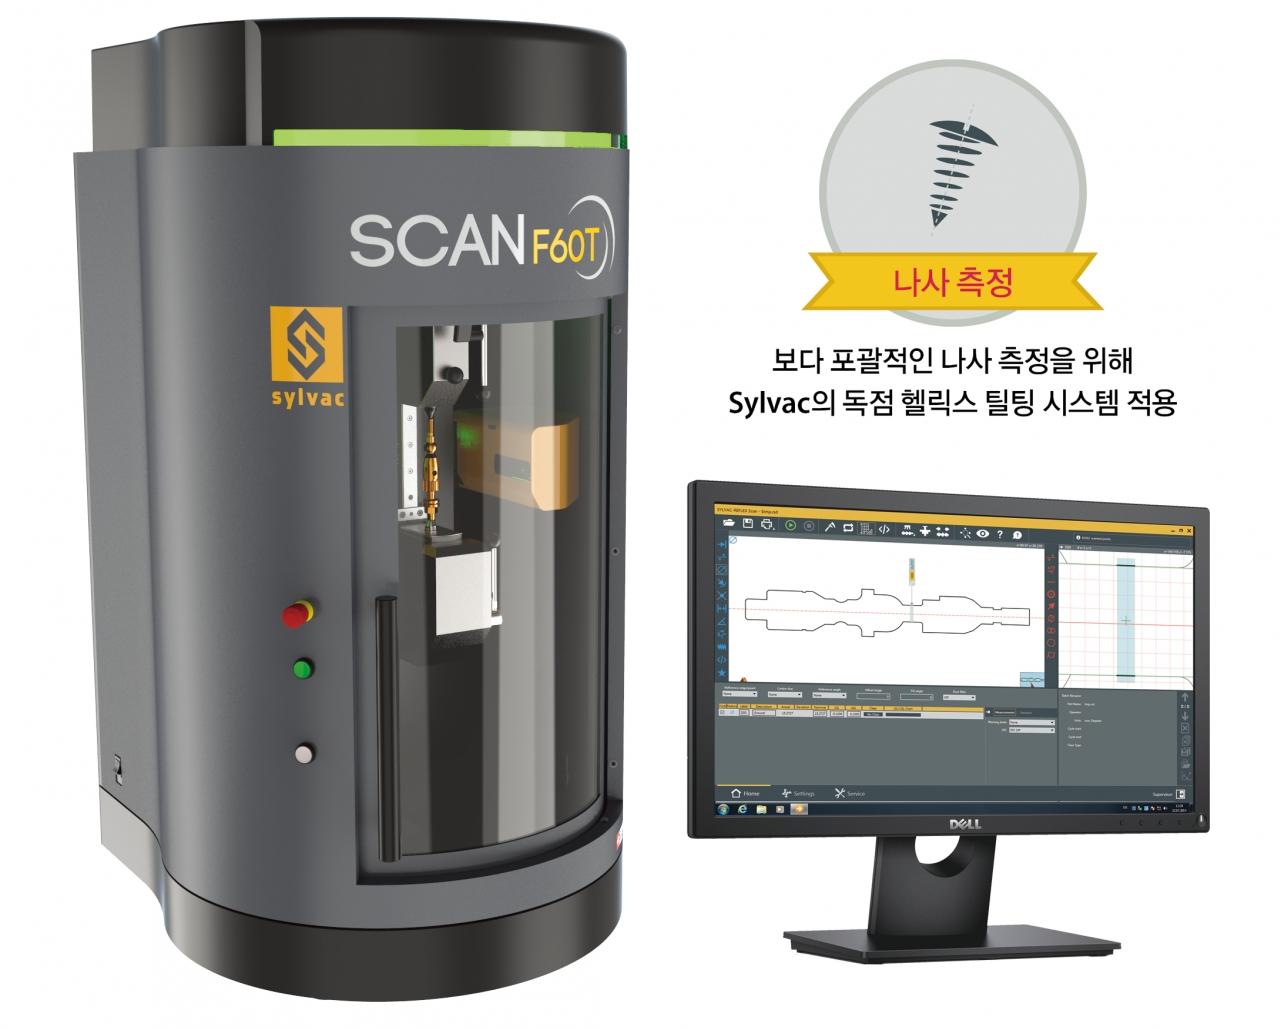 비접촉 원클릭 광학 측정기 - Sylvac Scan machine